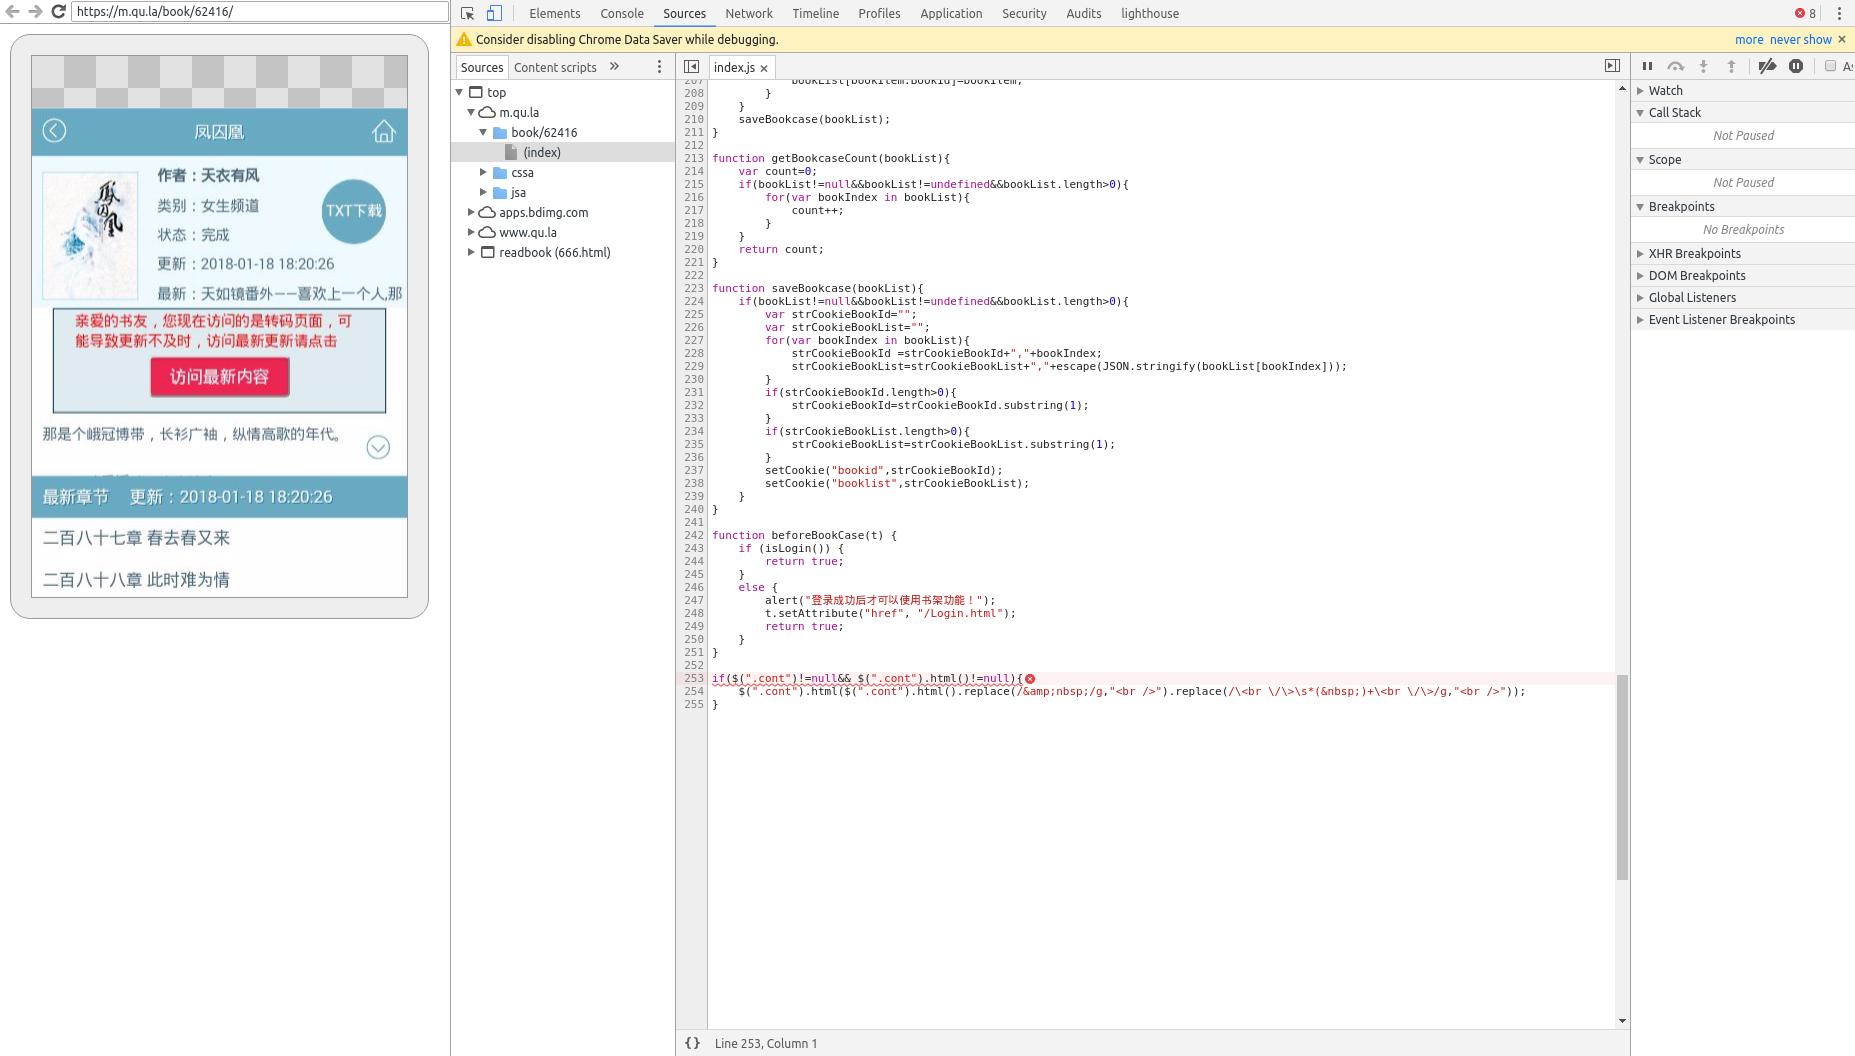 Developer Tools - https:--m.qu.la-book-62416-_019.png | center | 832x473